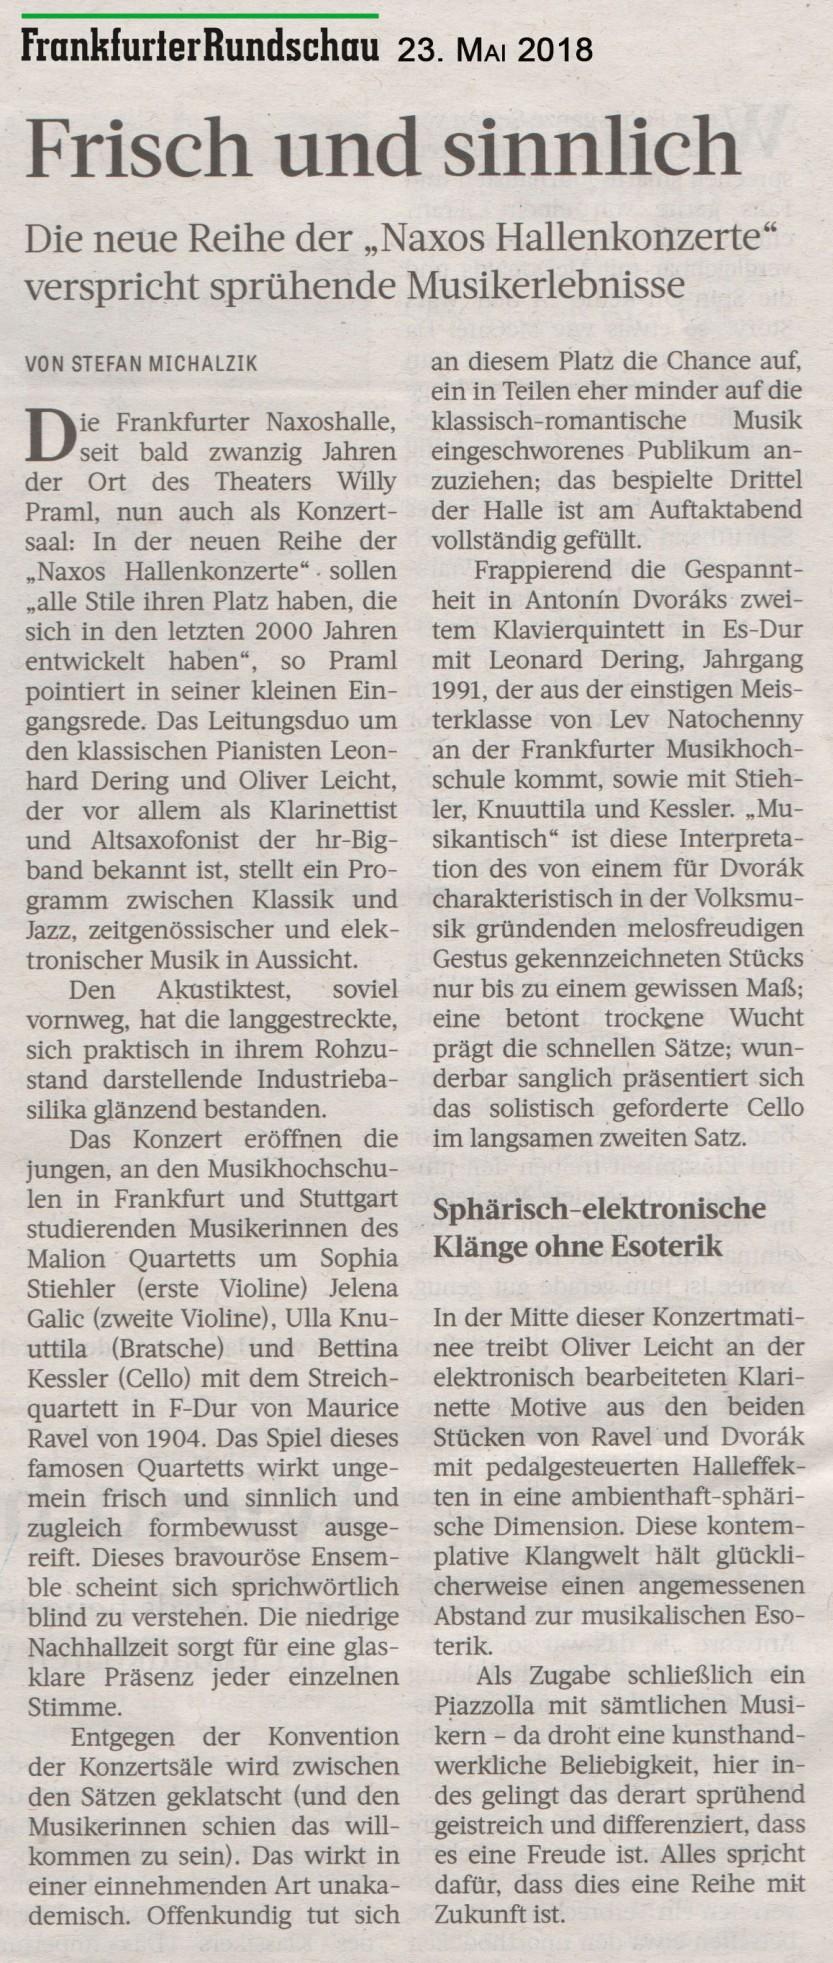 Frankfurter Rundschau Konzertkritik 23.5.18 - NAXOS Hallenkonzert